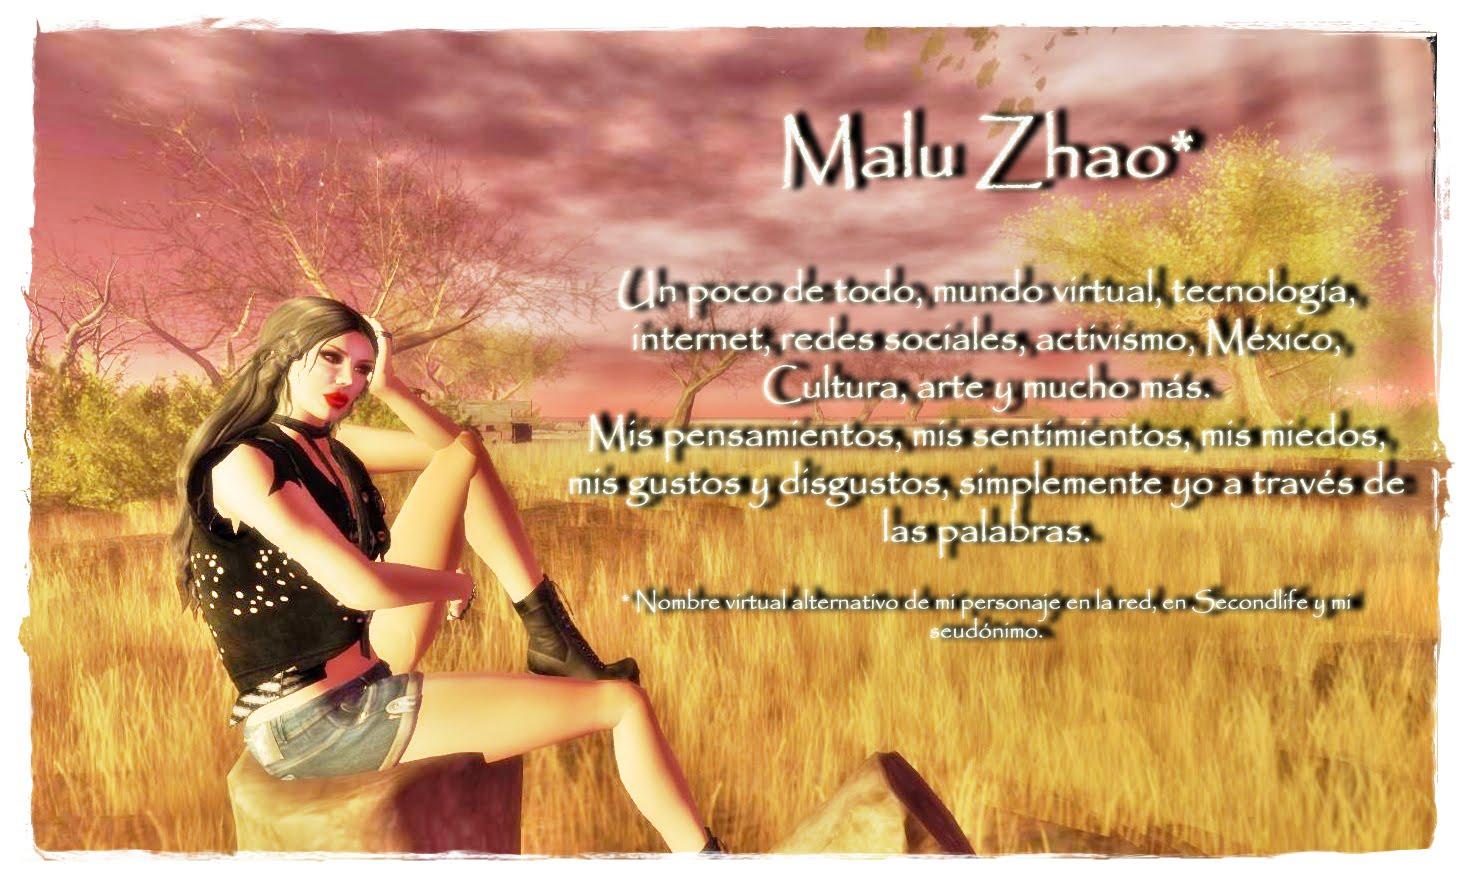 Malu Zhao